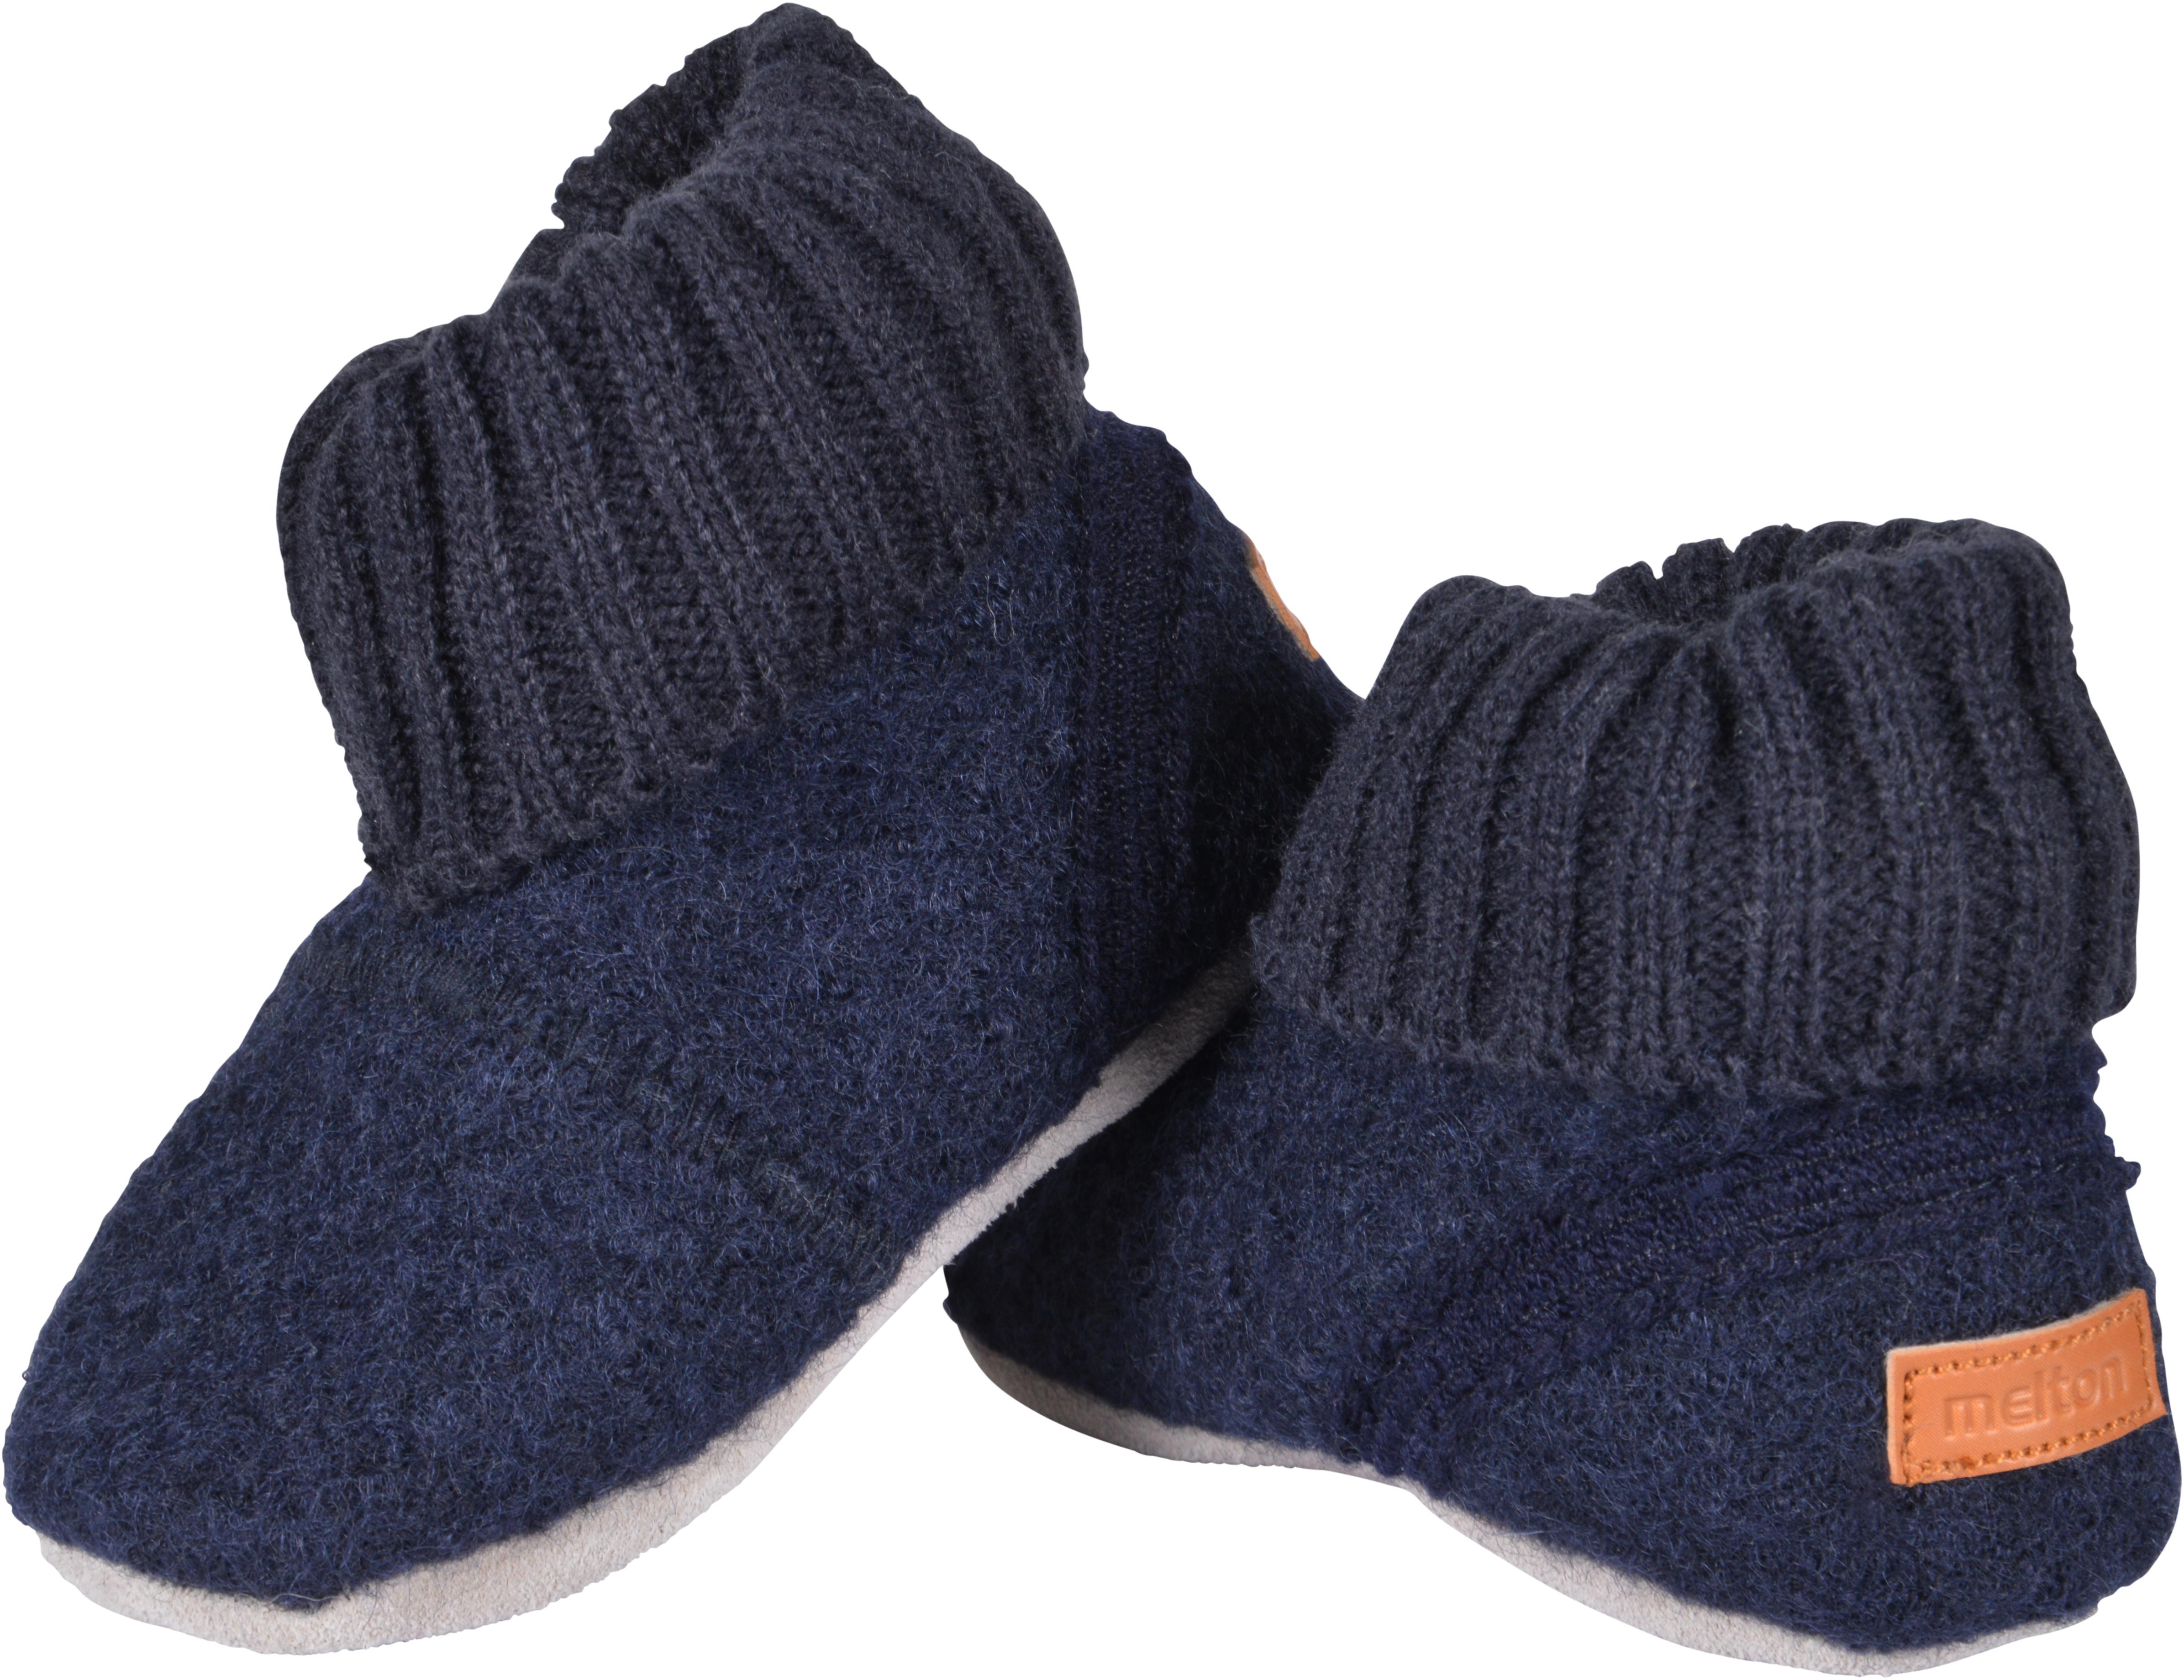 Melton - Wool Shoe - High Top